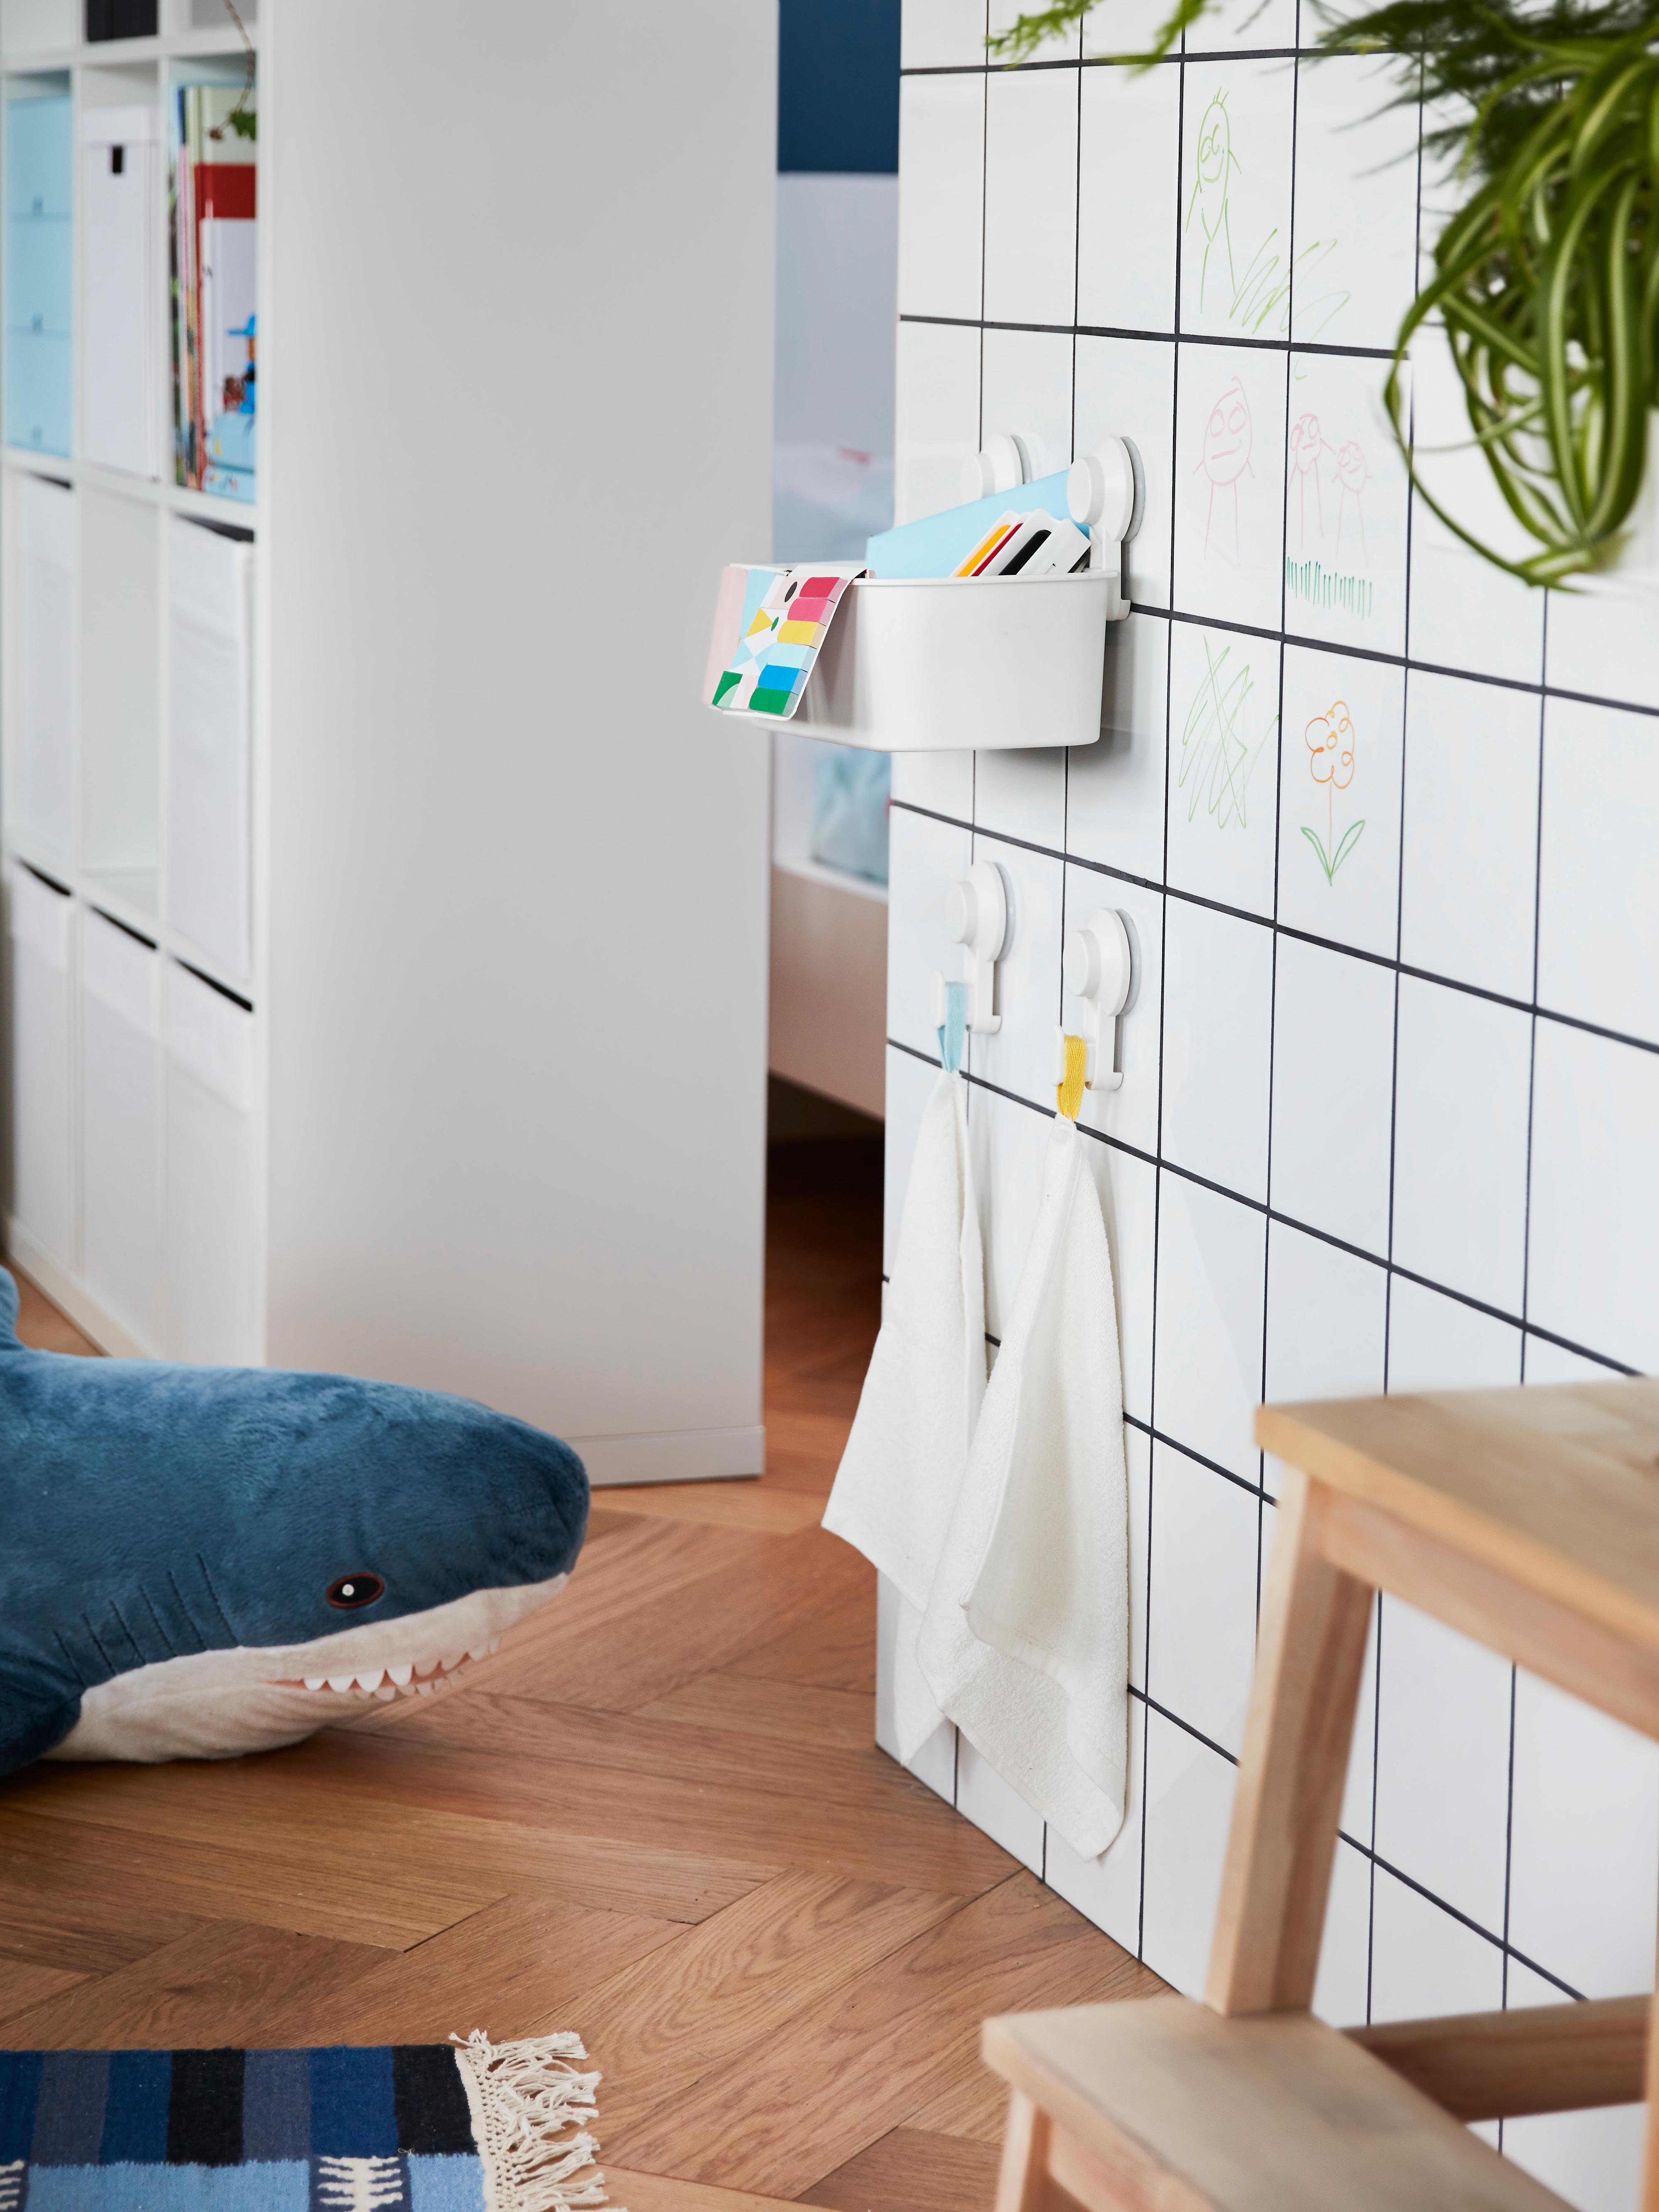 Cestello con ventosa TISKEN su una parete di piastrelle bianche, in una stanza bianca con pavimento in parquet.